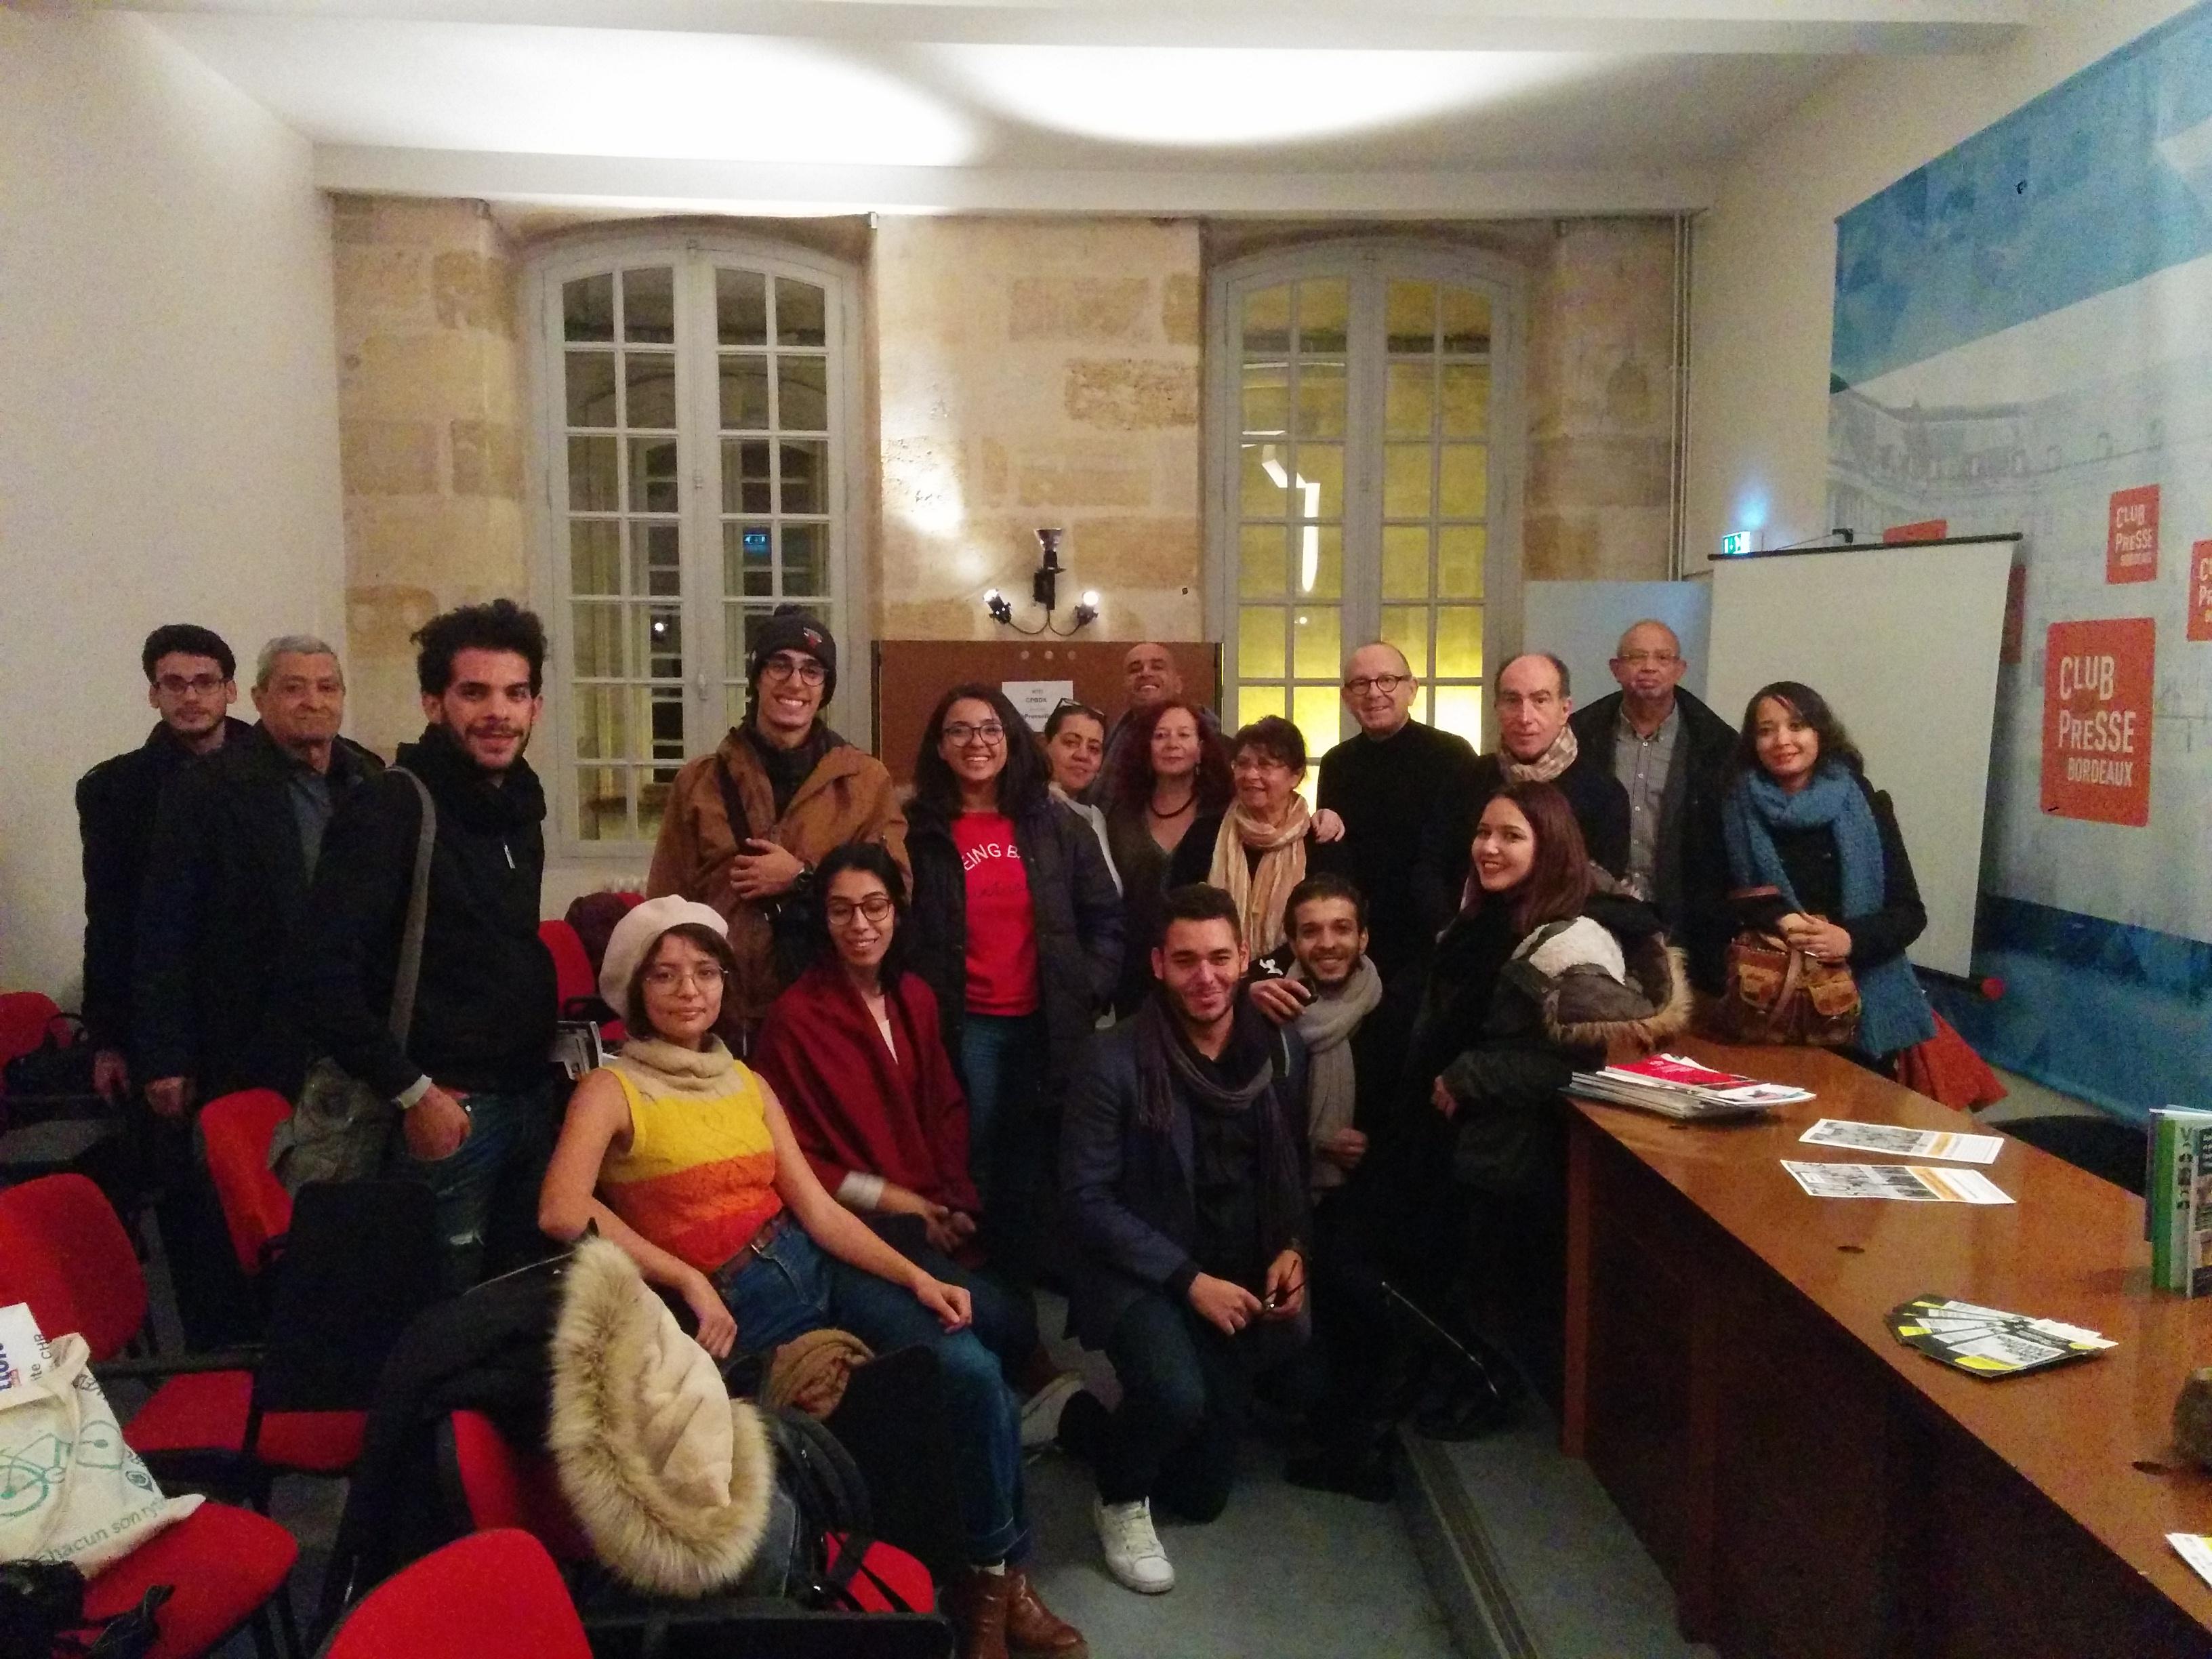 Entre Tunis et Bordeaux des étudiants en journalisme apprennent leur métier et à  consolider la démocratie.Photo Club de la presse de Bordeaux.